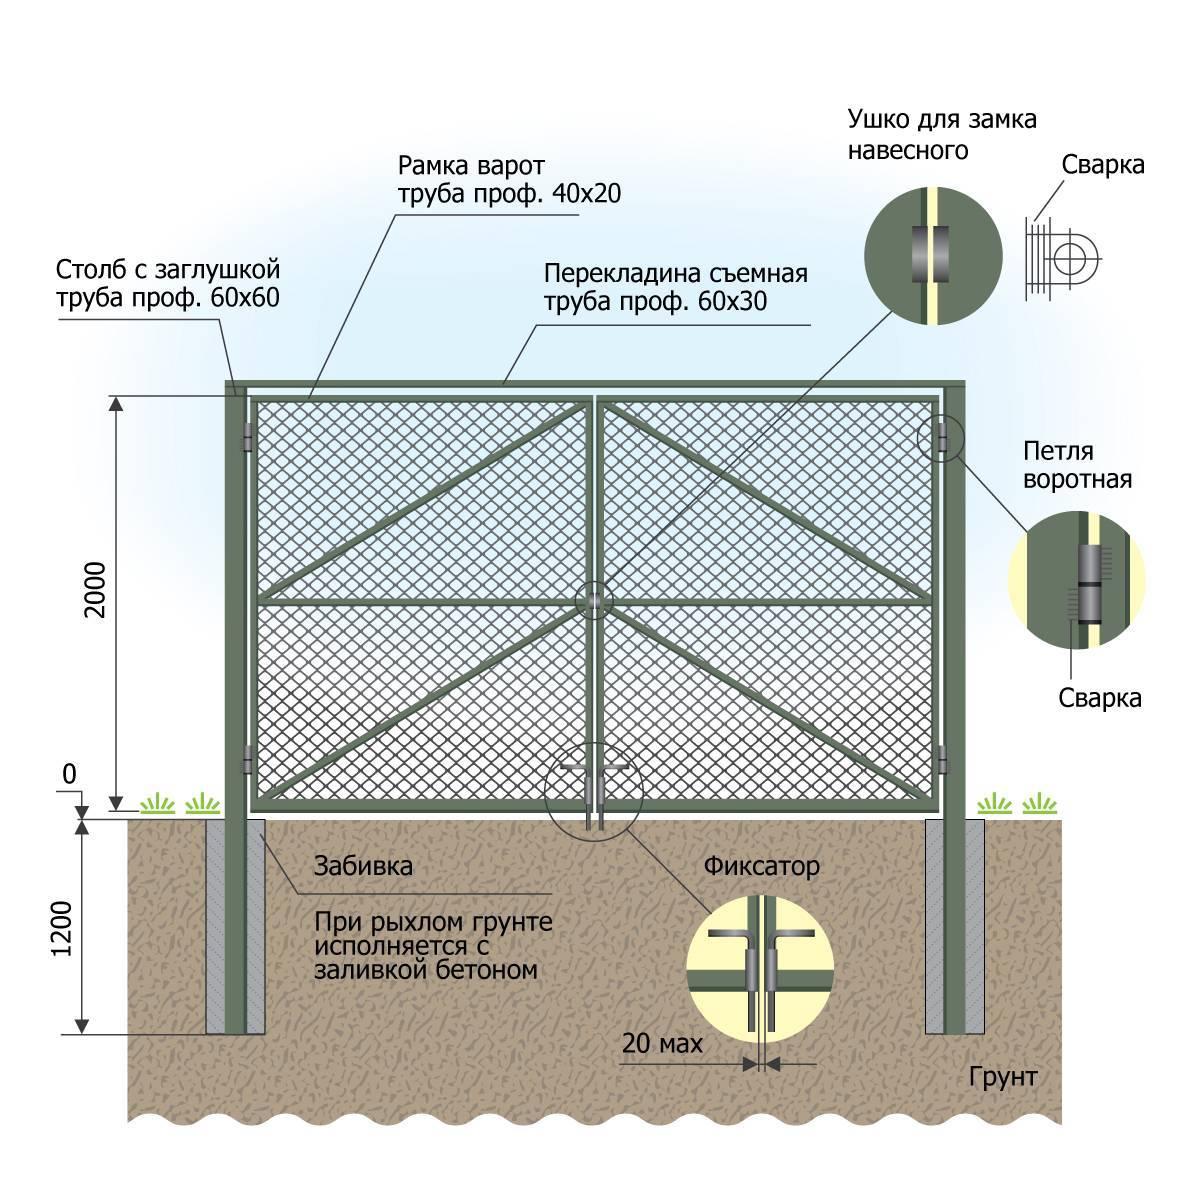 Забор из пластиковой сетки для дачи, установка ограждения из пластиковой сетки своими руками – фото и видео